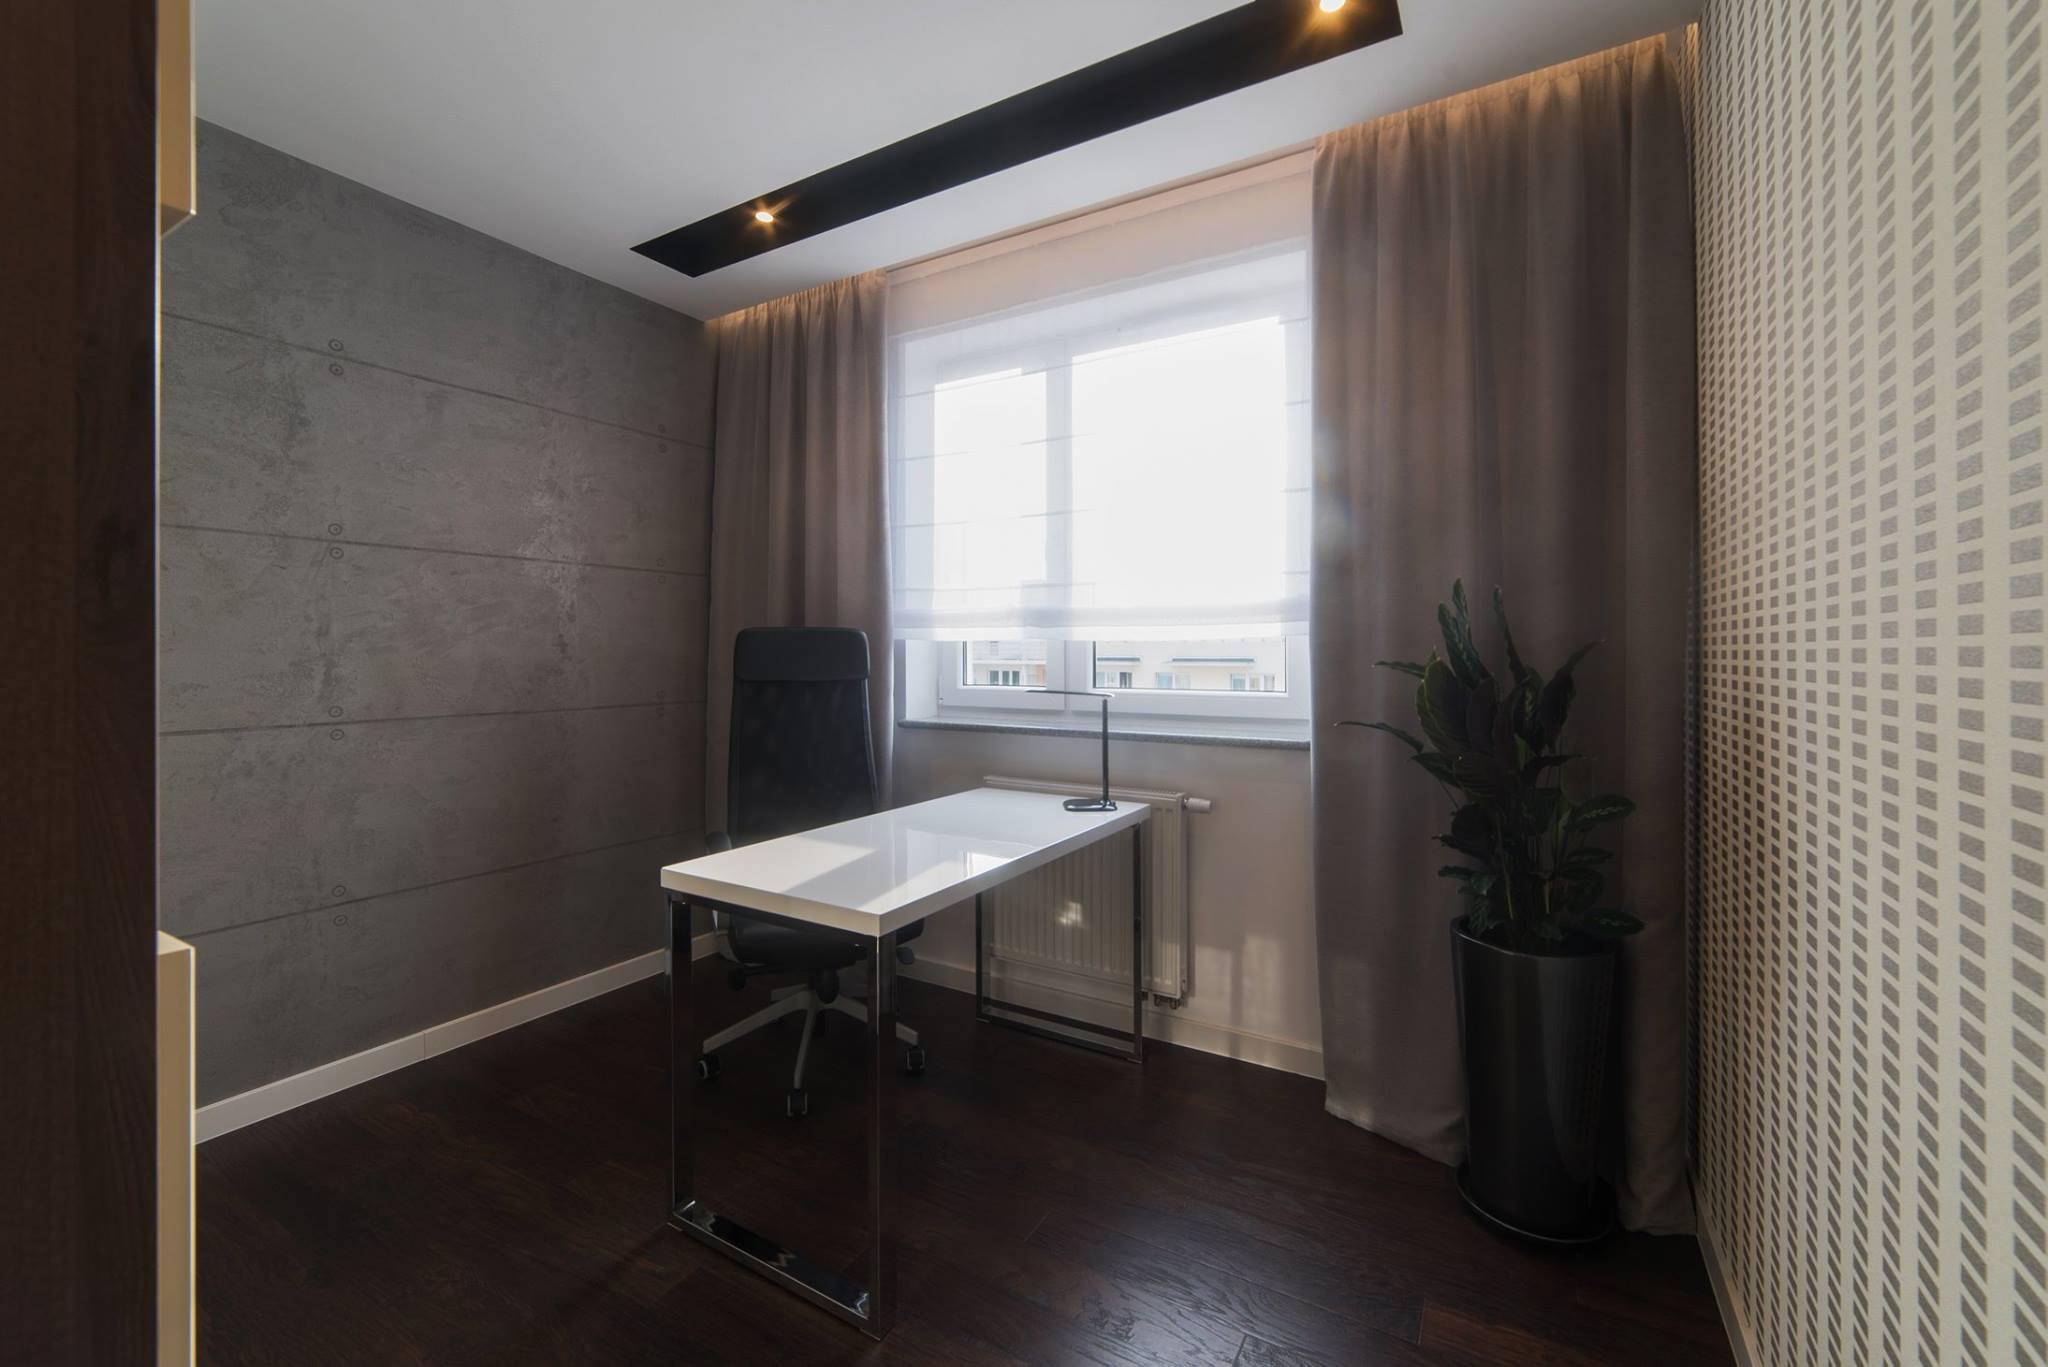 biuro tynk dekoracyjny.jpg